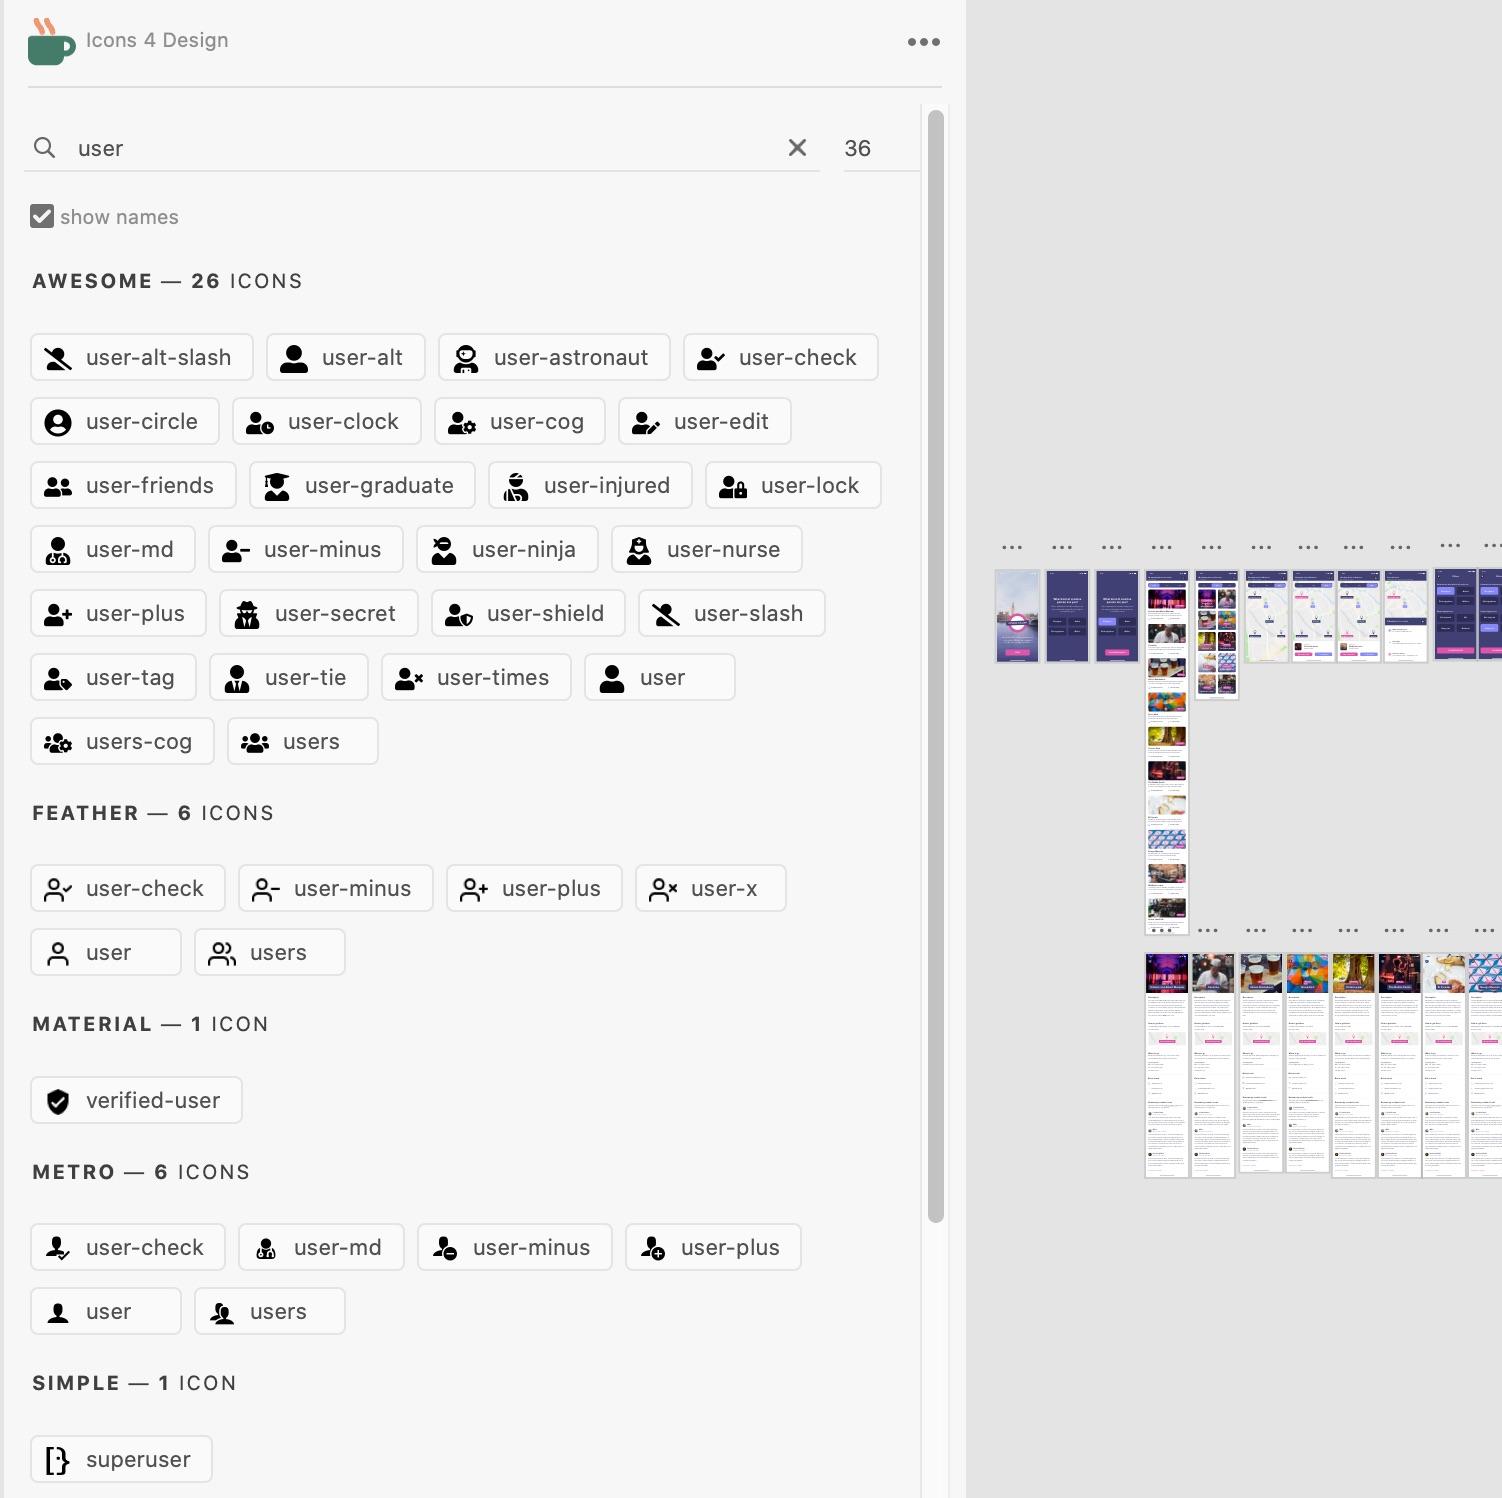 Icons 4 Design Xd plugin